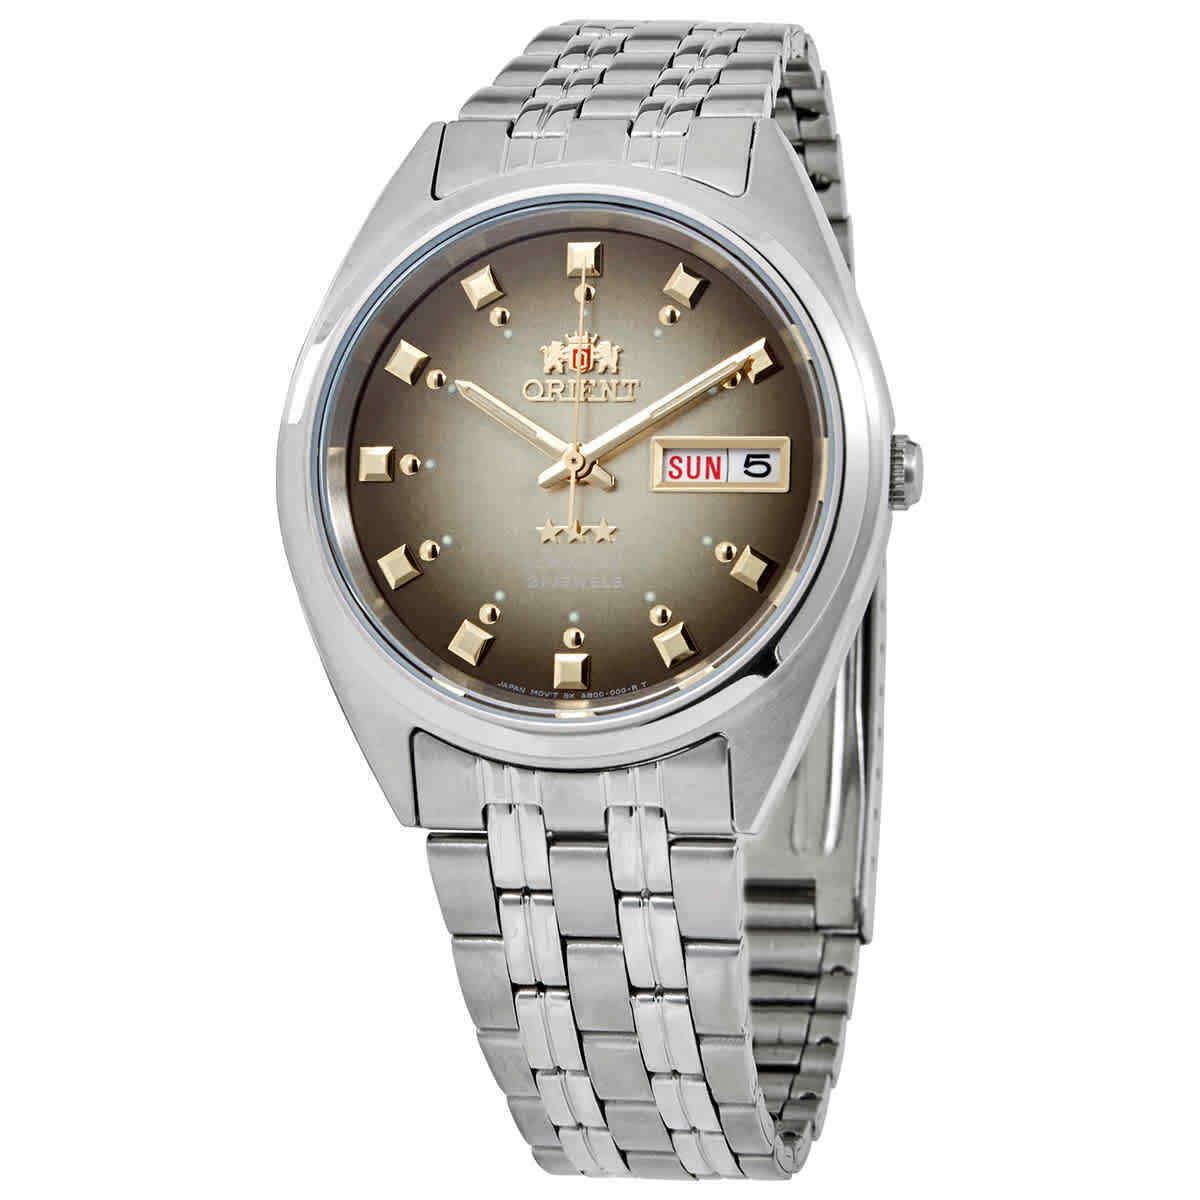 Orient Tristar FAB04003P9 Automatic Goldish Dial Men's Watch